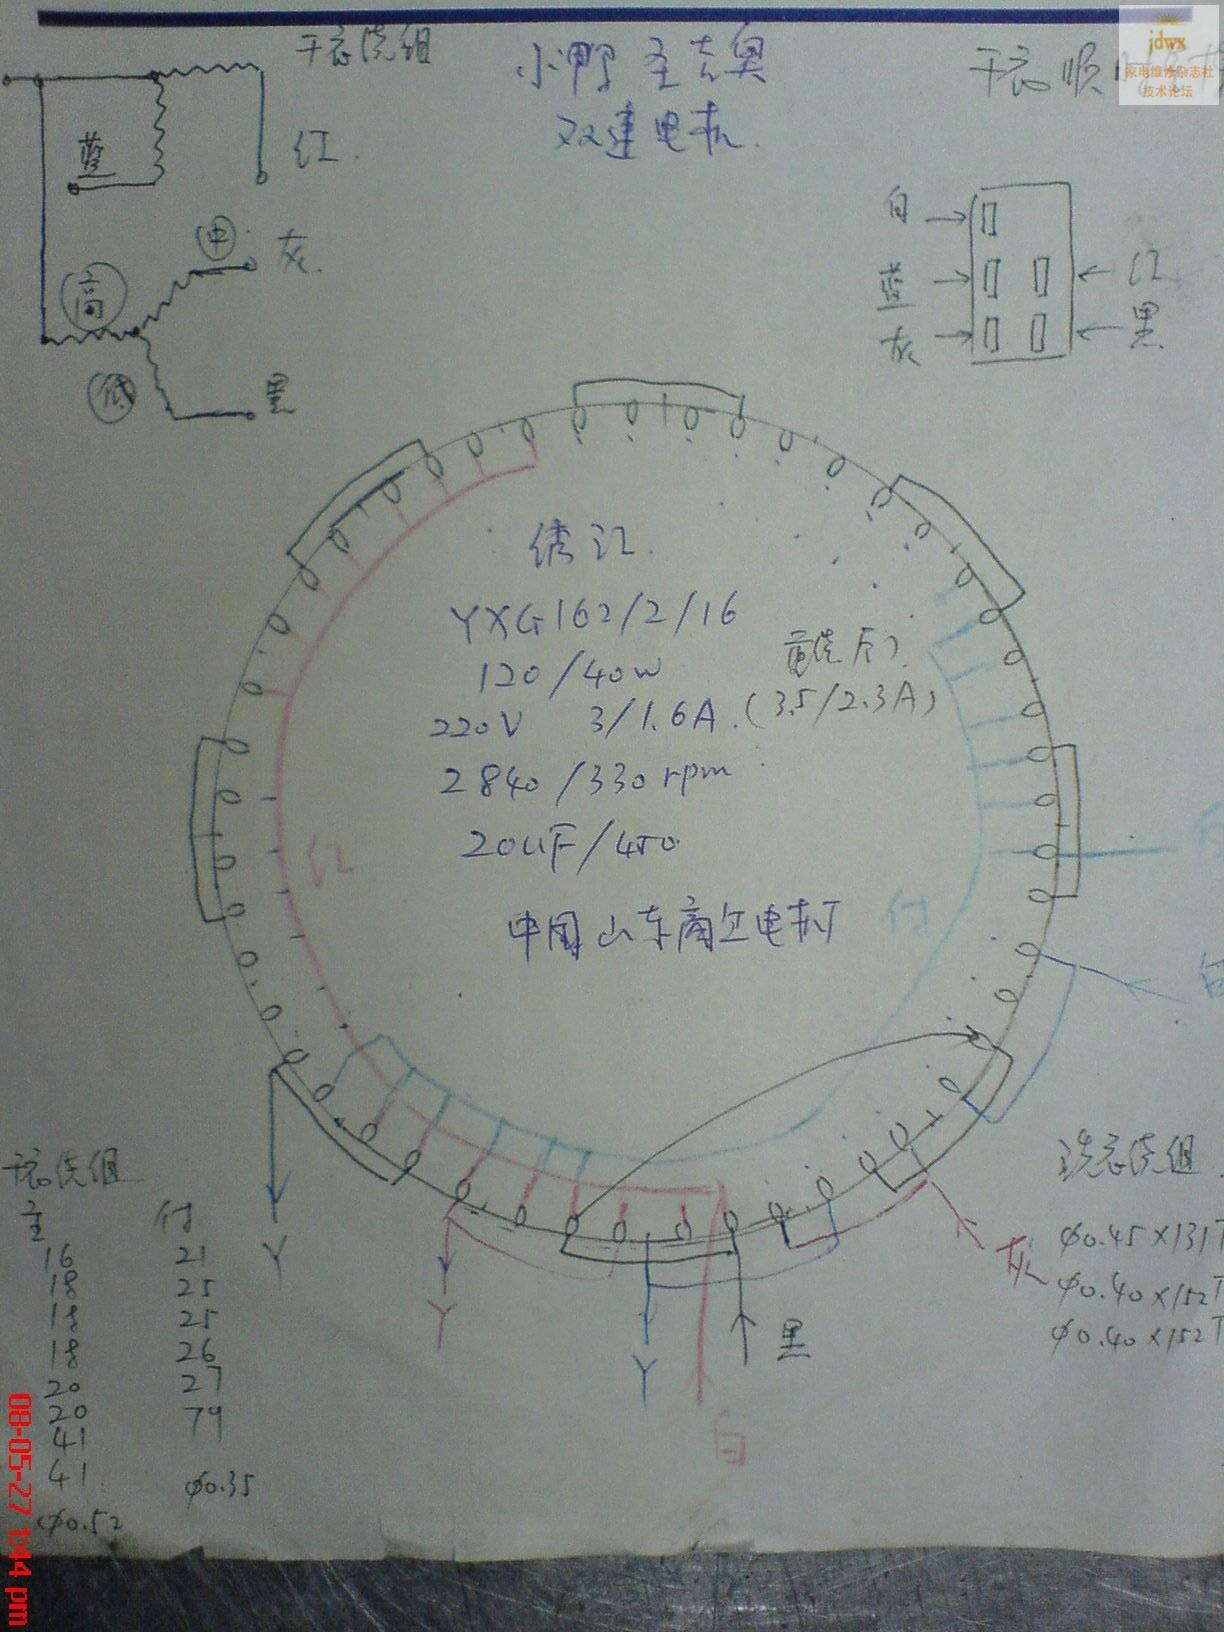 朋友的海尔滚筒洗衣机电机烧了,洗衣机型号:XQG50-AL600TXBS 电机是意大利产的:sole 型号:20572809 180/75W 2800/300r/min 20uf 450V 对应国产型号应该是:YXG162/2/12C1 本来这个电机买的到,因为从来没有修过这种电机想学习一下,有这个资料的朋友分享一下, 忘了说这个是48槽的电机联系QQ:304508384 注明电机 --------------------------------- 普通一对磁极电机,两套绕组.